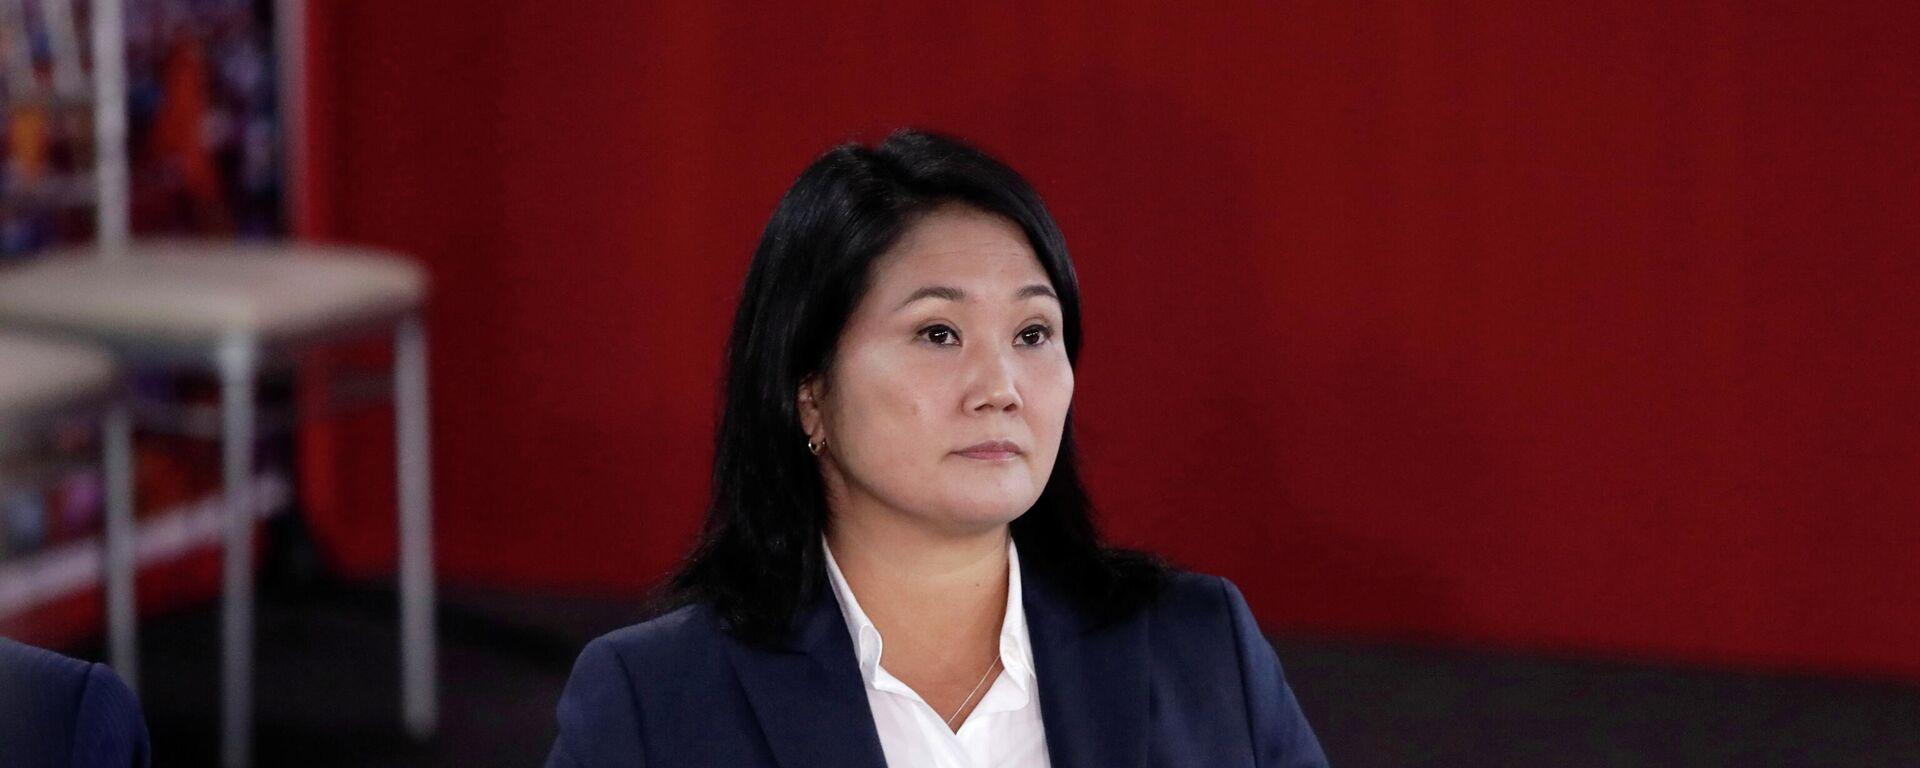 Keiko Fujimori, la candidata a la presidencia de Perú - Sputnik Mundo, 1920, 16.06.2021